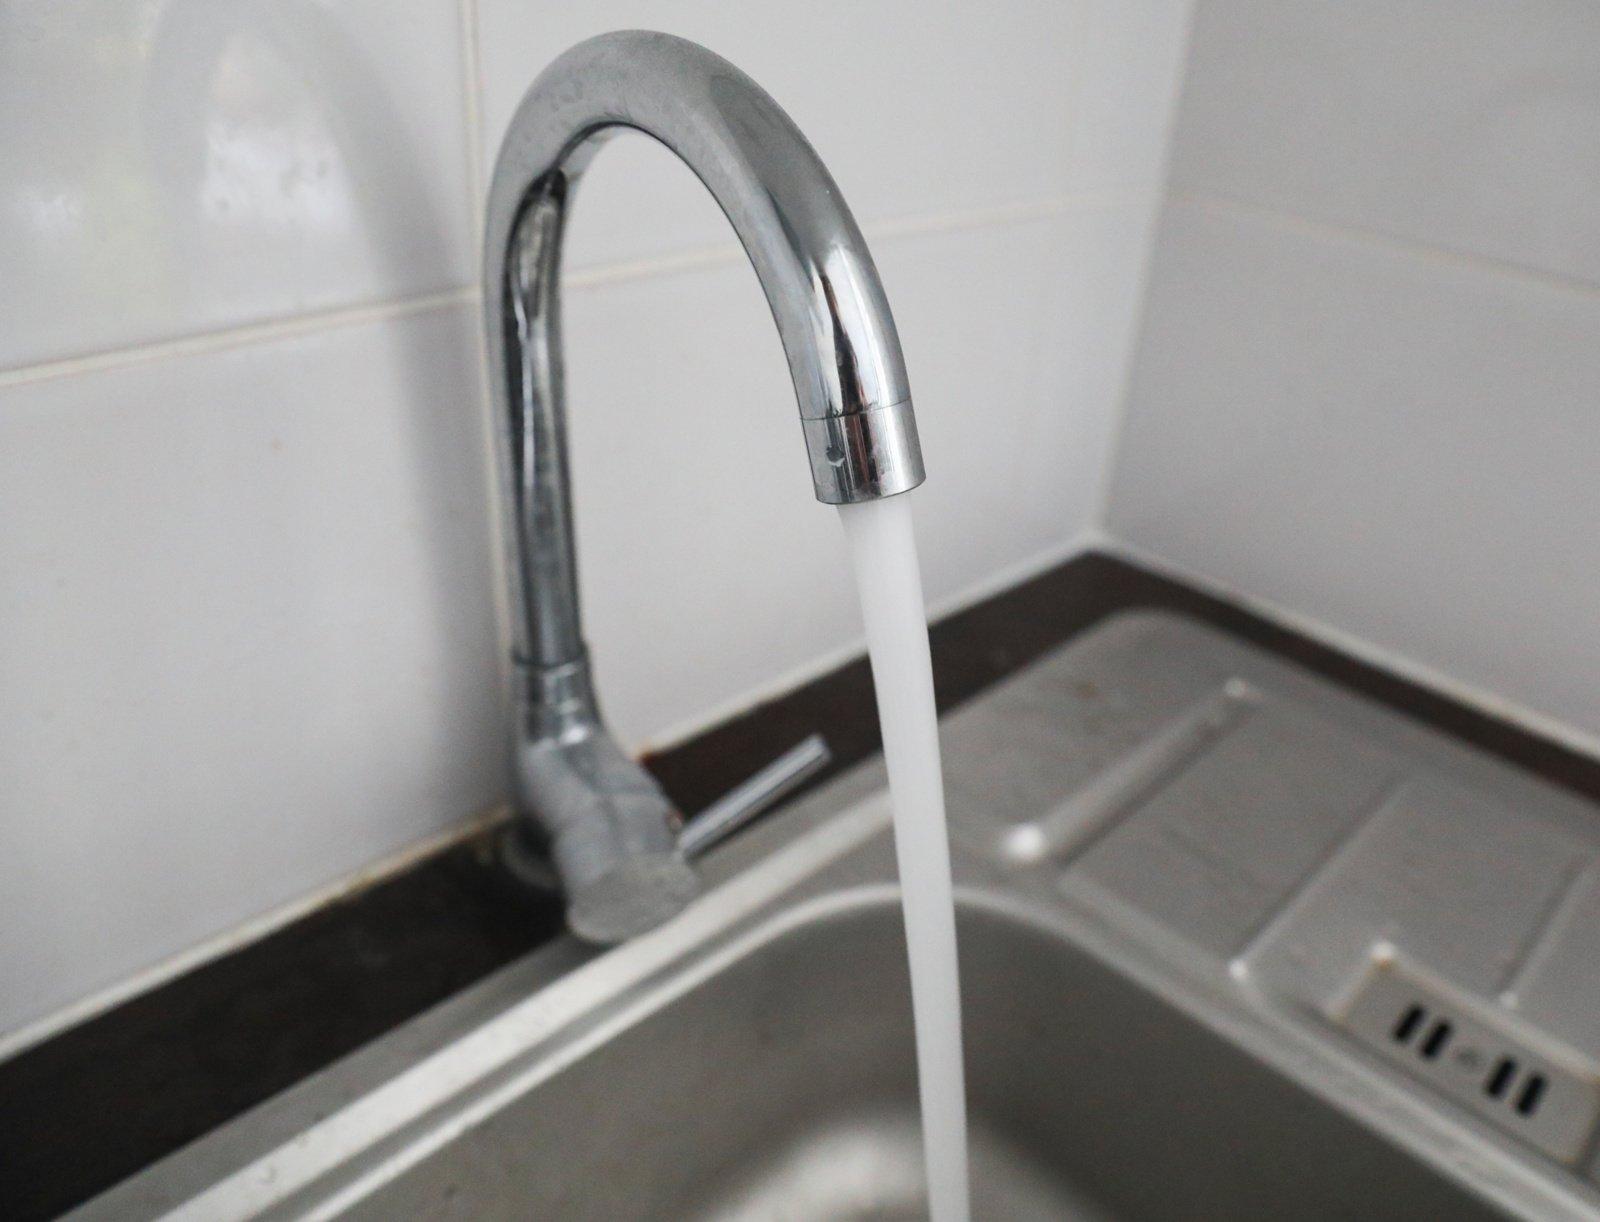 Nuo antradienio daliai panevėžiečių nebus tiekiama šiluma ir karštas vanduo